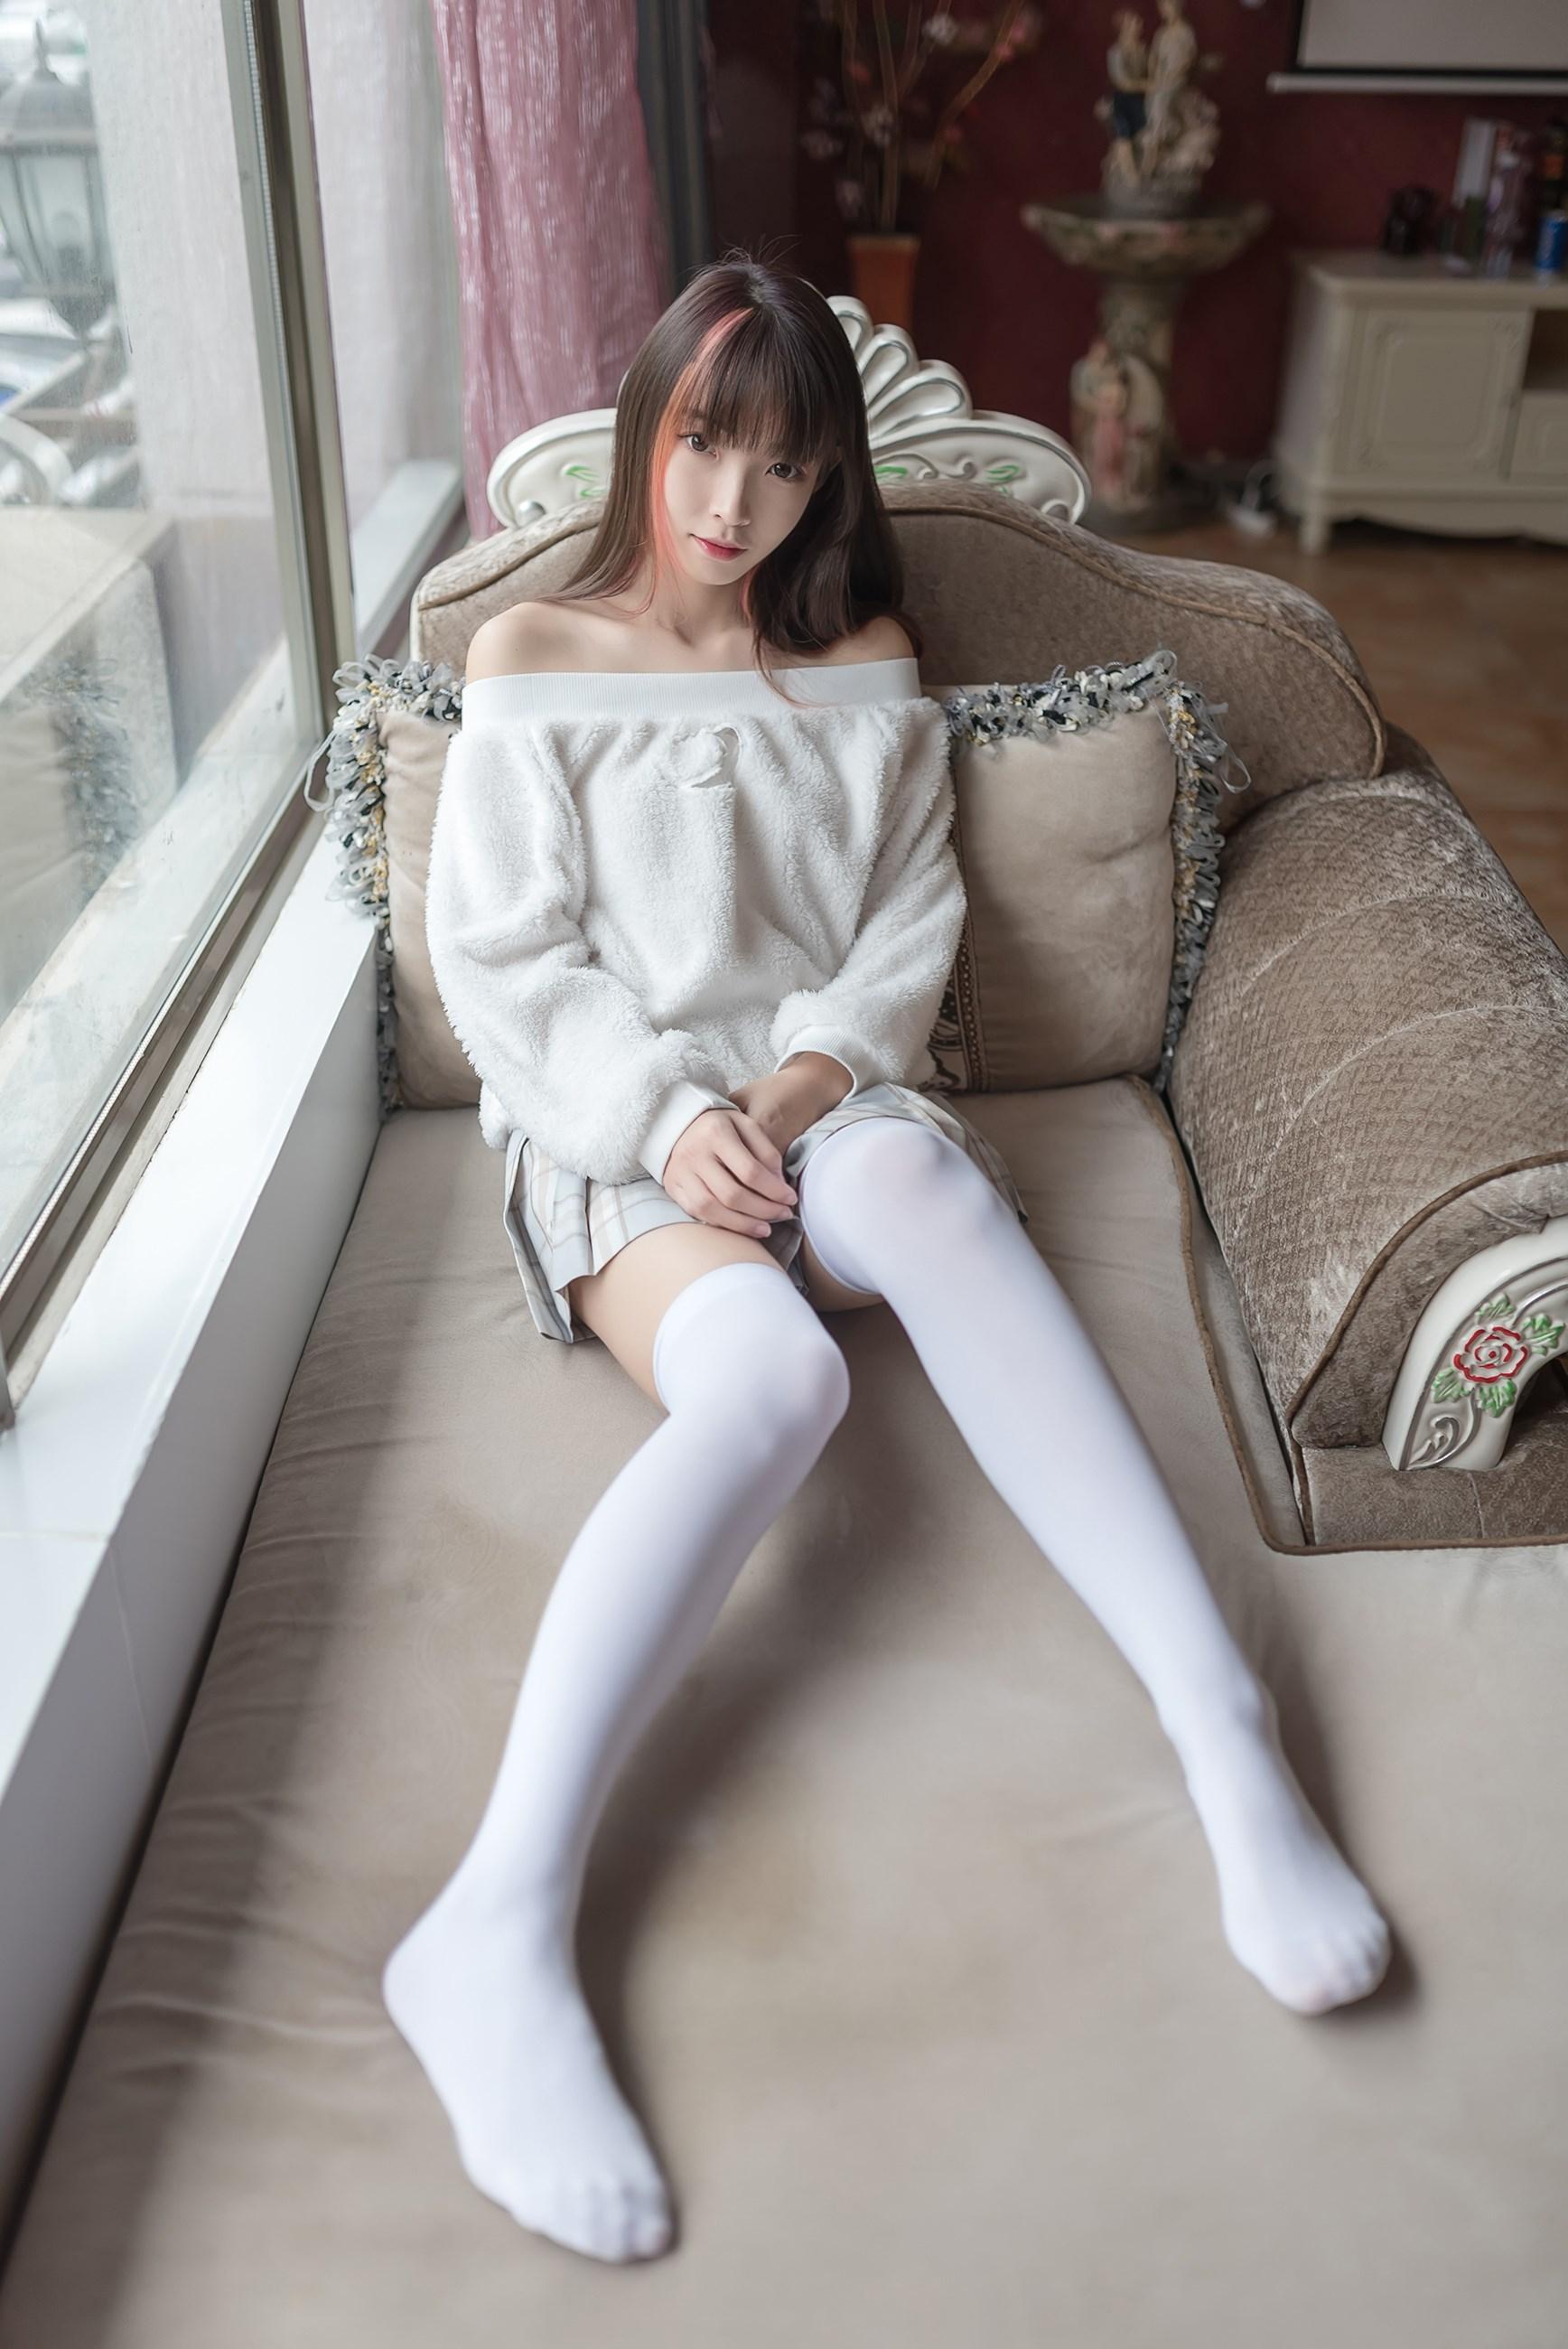 【兔玩映画】露肩少女 兔玩映画 第14张